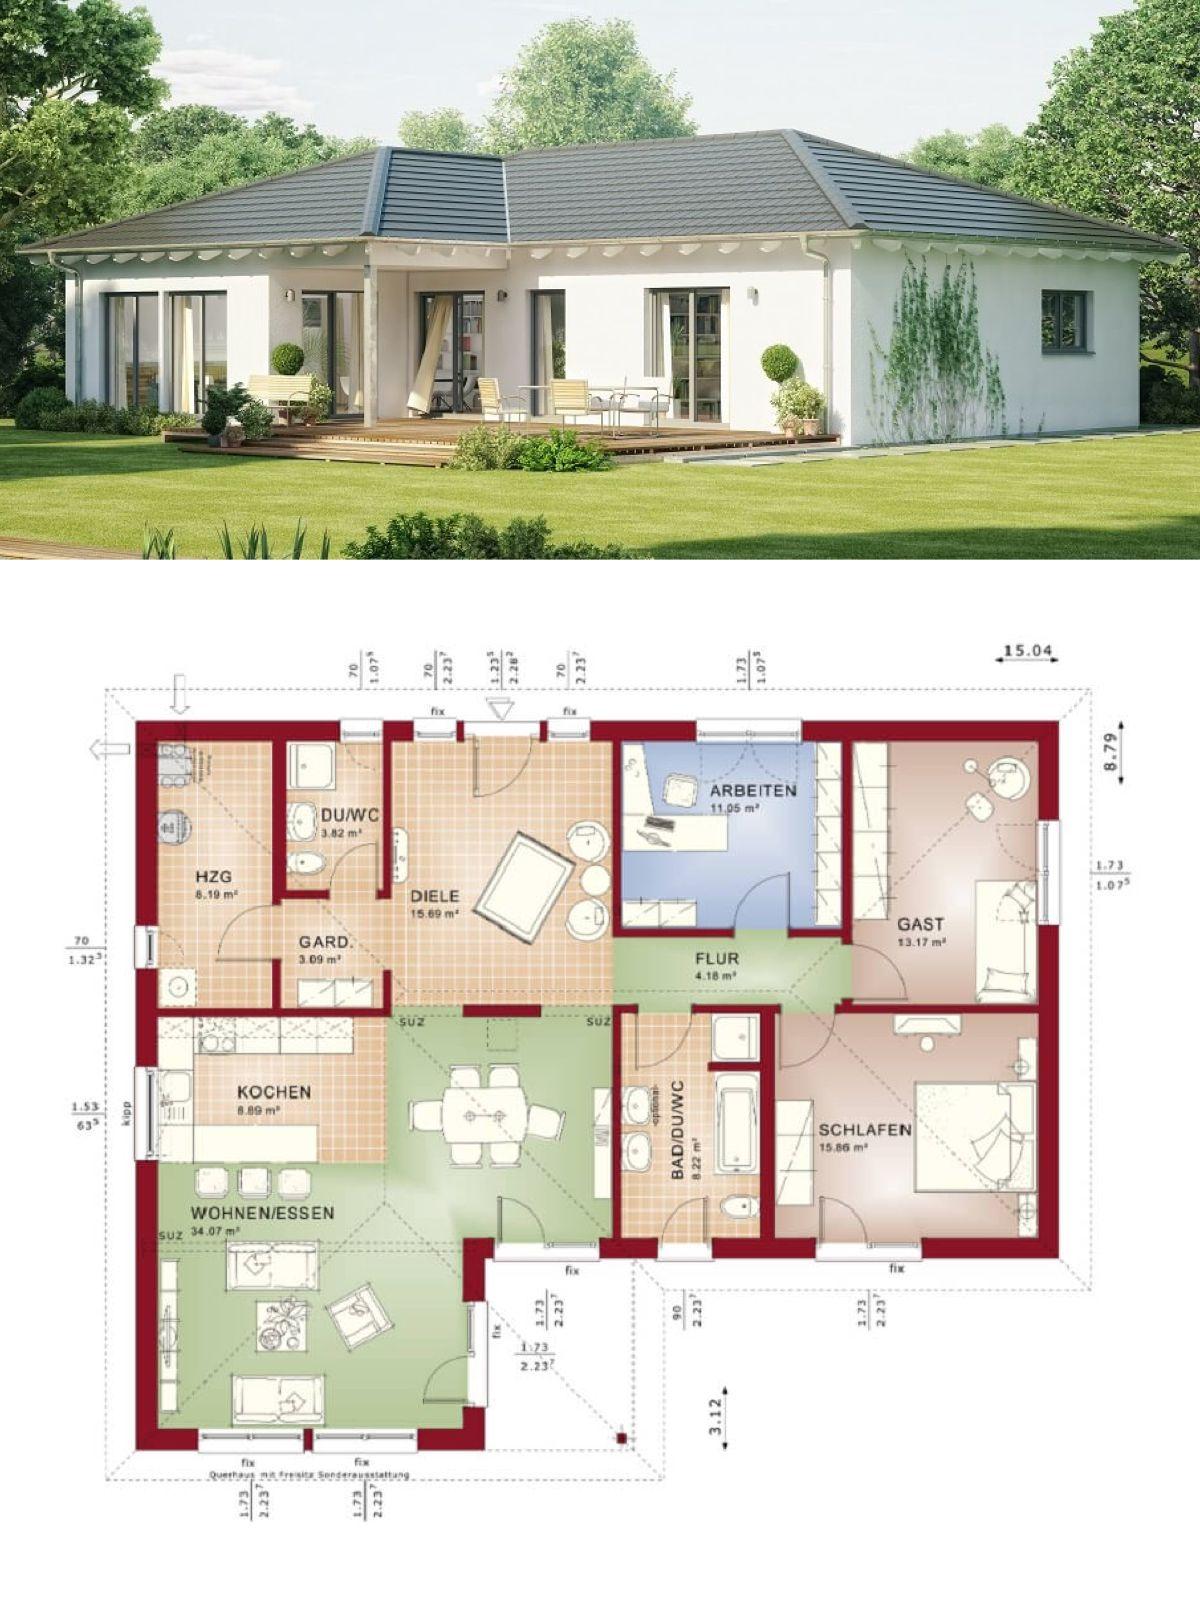 klassischer winkelbungalow mit walmdach architektur grundriss bungalow haus evolution 111 v3. Black Bedroom Furniture Sets. Home Design Ideas